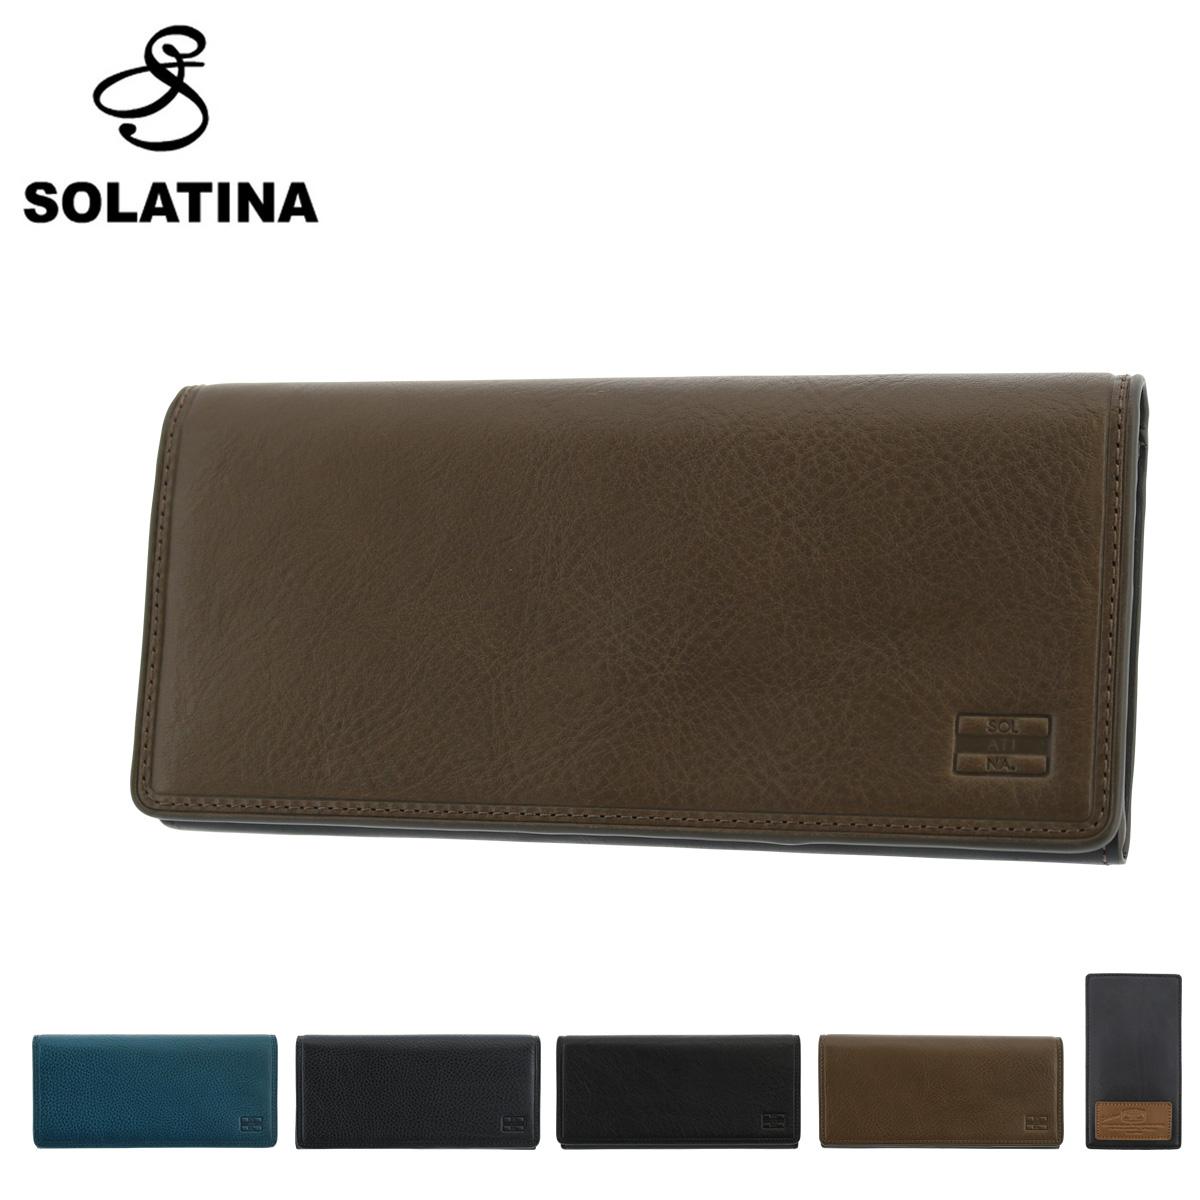 ソラチナ 長財布 アリゾナ メンズ SW-70021 SOLATINA   本革 イタリアンレザー カードケース付 ブランド専用BOX付き [PO10][bef]